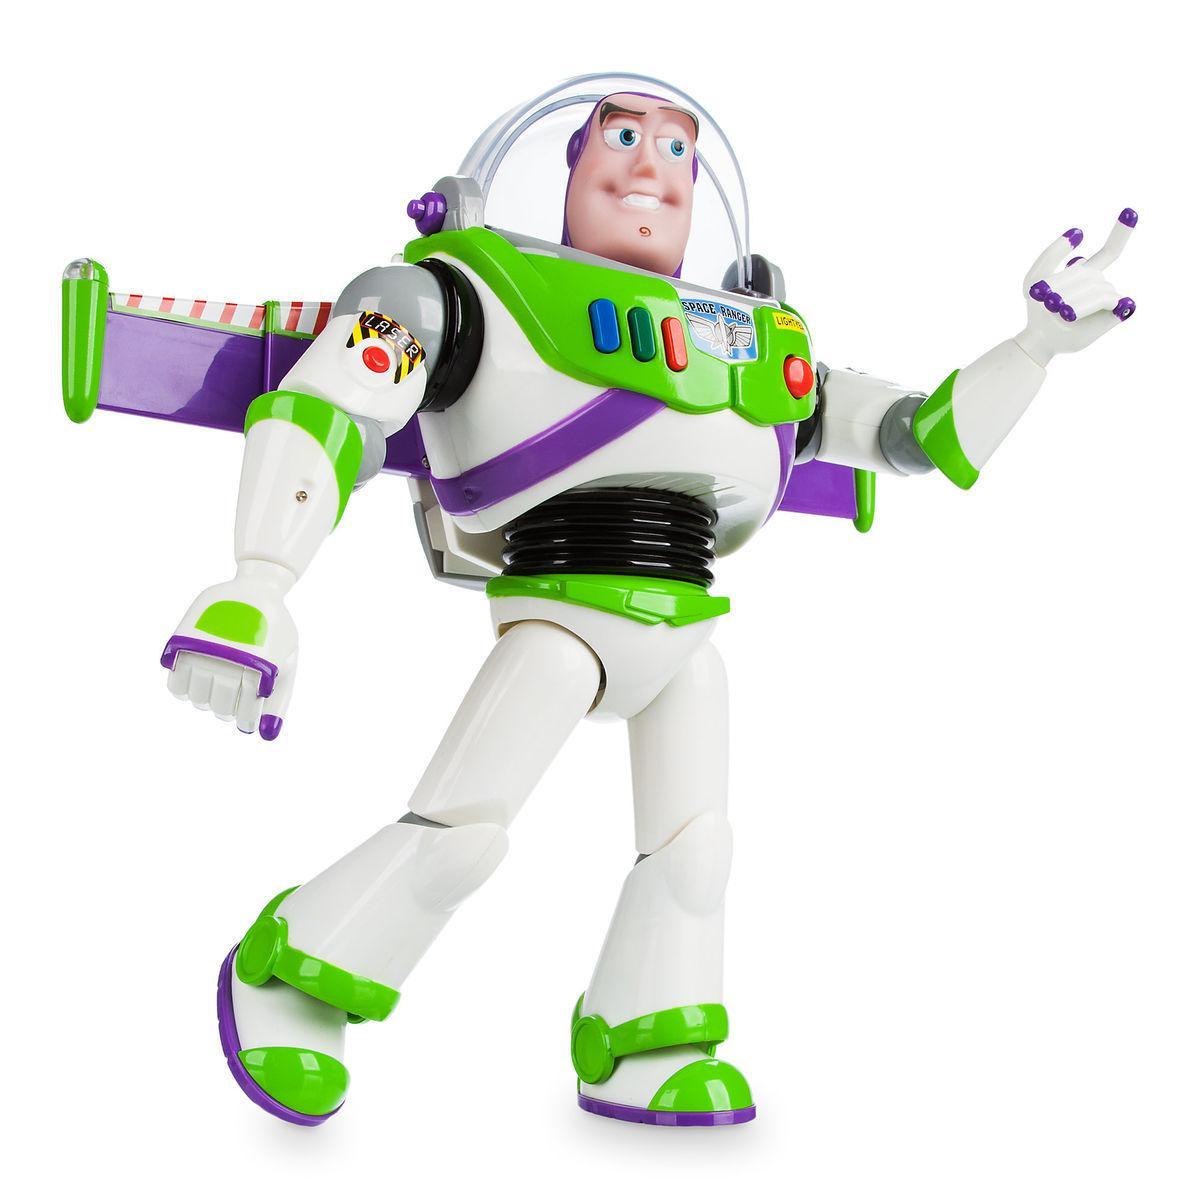 Интерактивная игрушка Базз Лайтер Дисней Buzz Lightyear Talking Action Figure DisneyStore